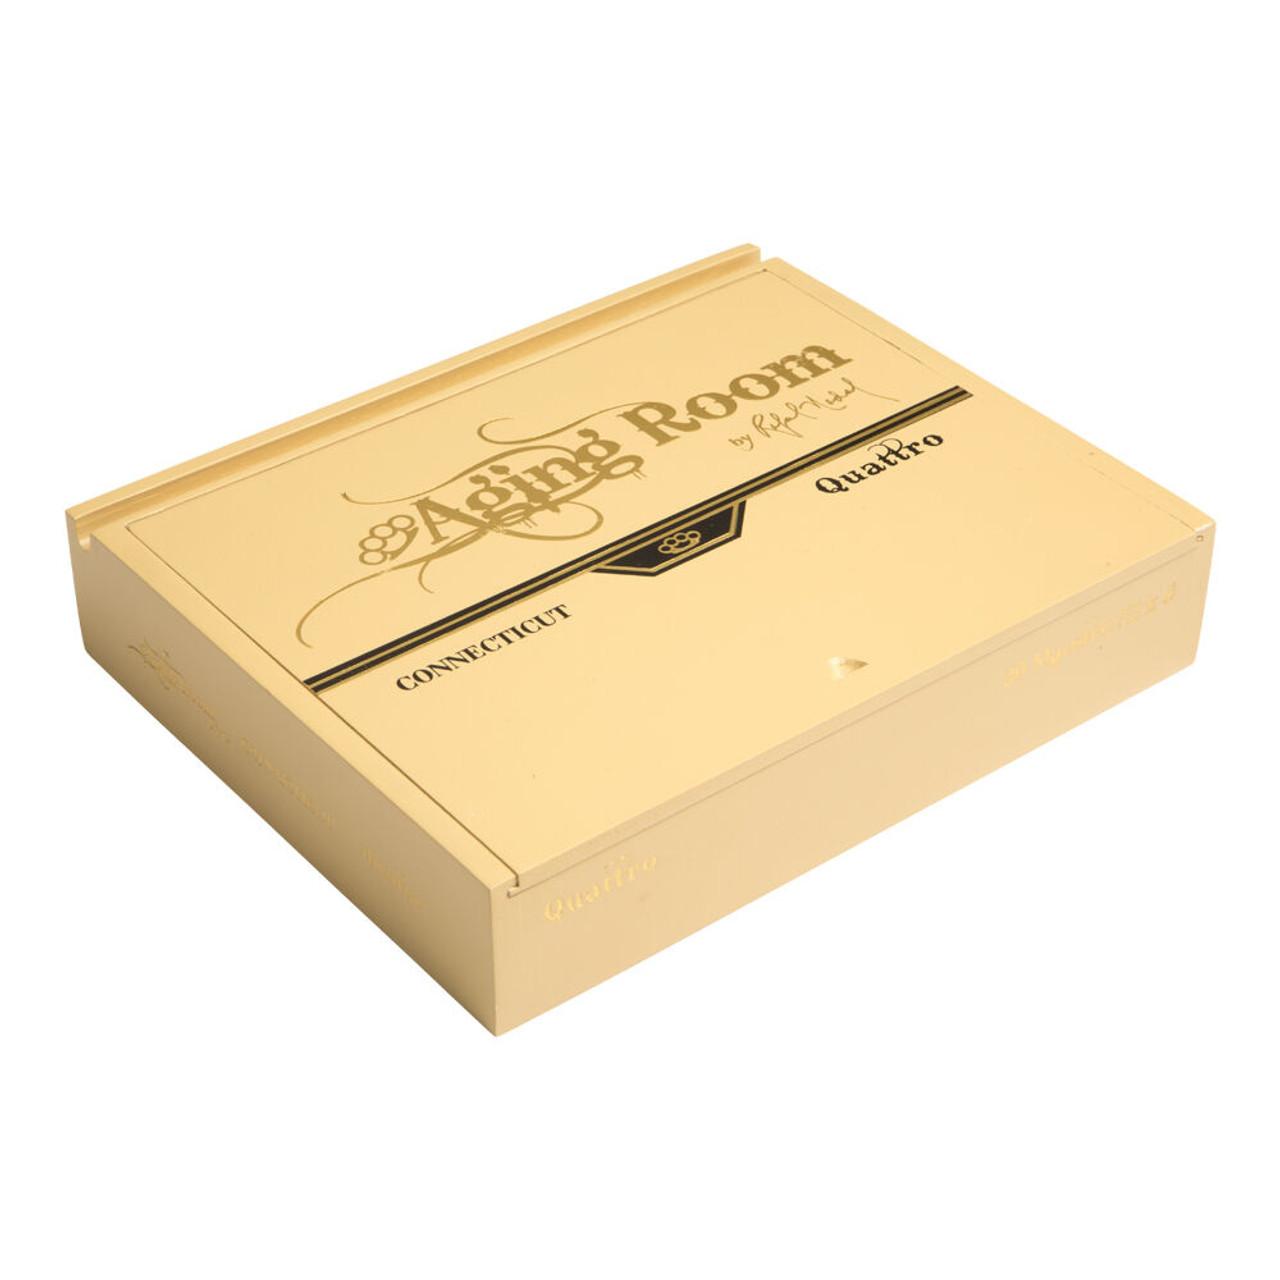 Aging Room Quattro Connecticut Maestro Belicoso Cigars - 6.0 x 52 (Box of 20)